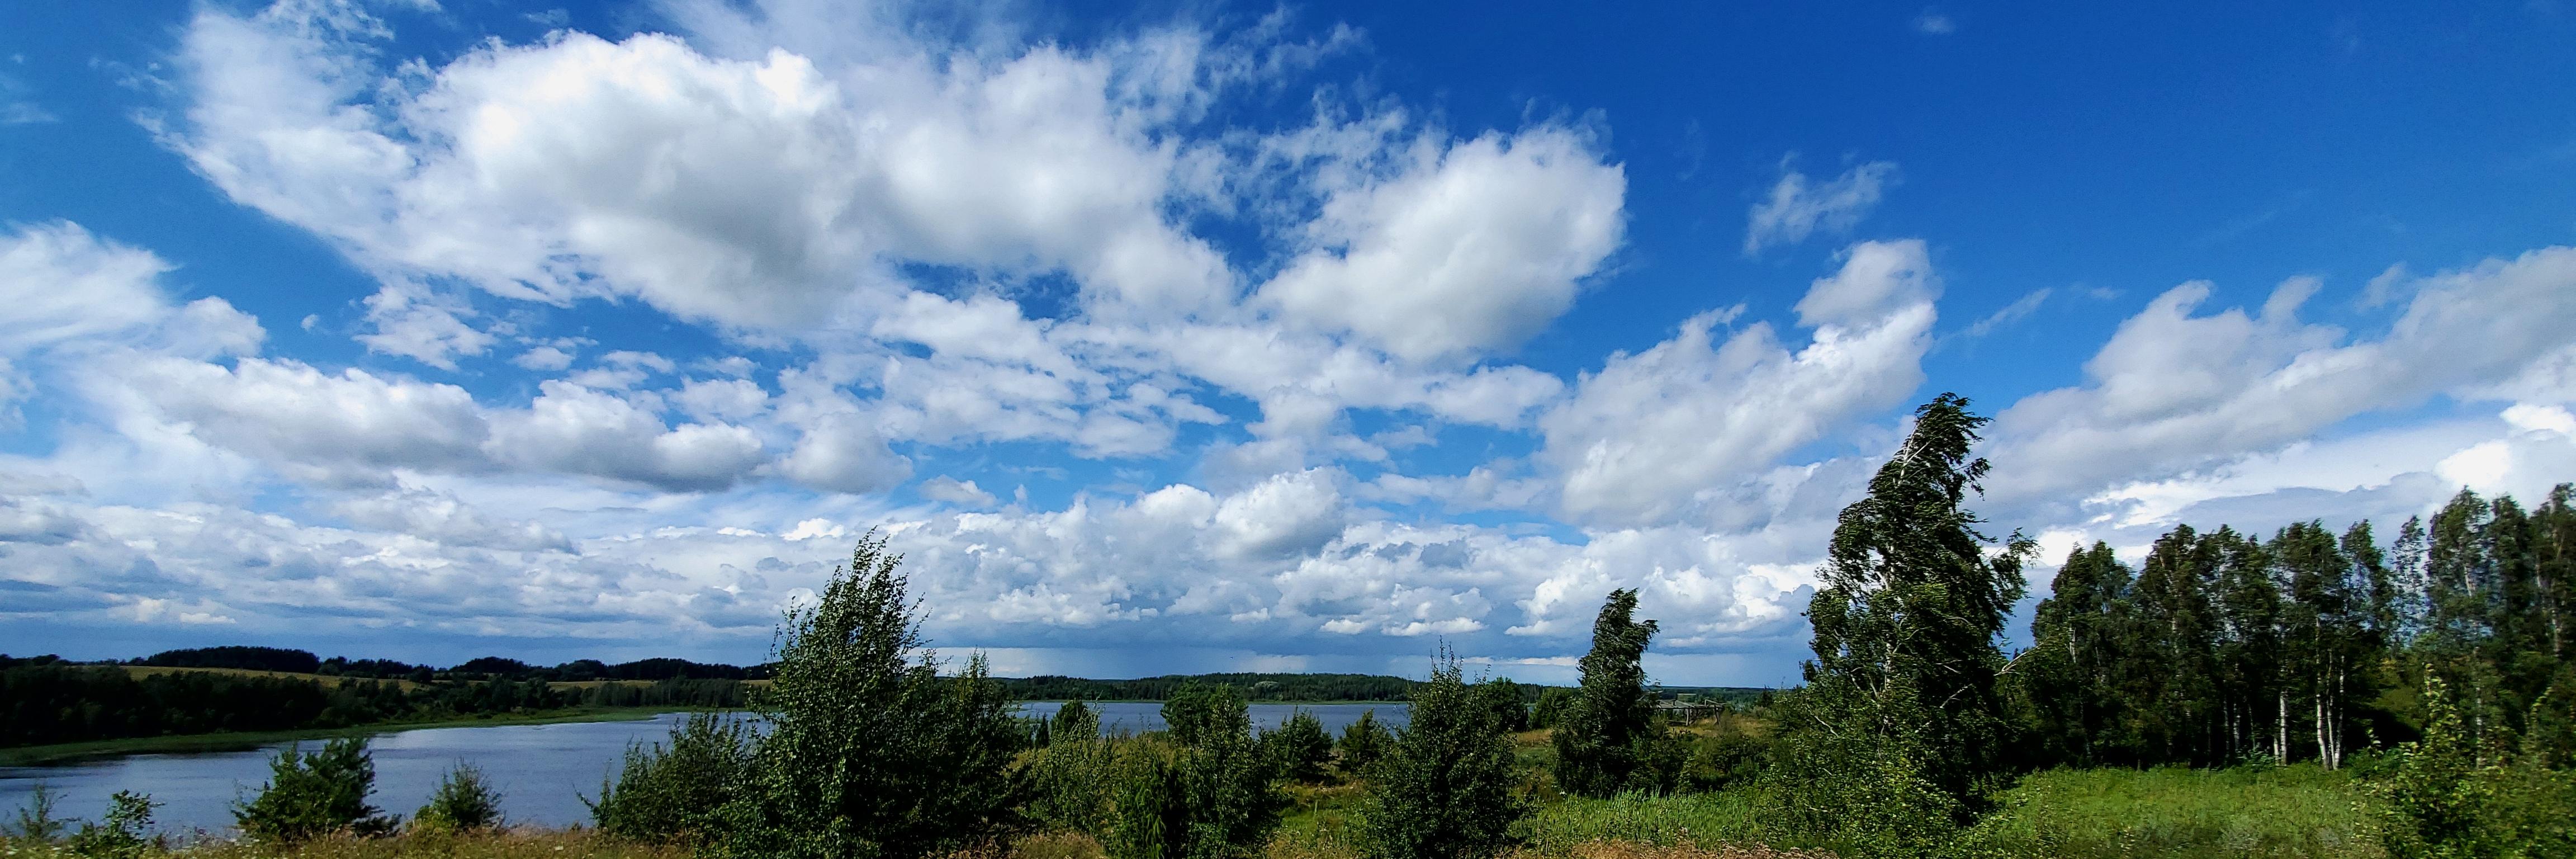 20200730 144646 10 - Полуостров Масковичи (панорамная точка)